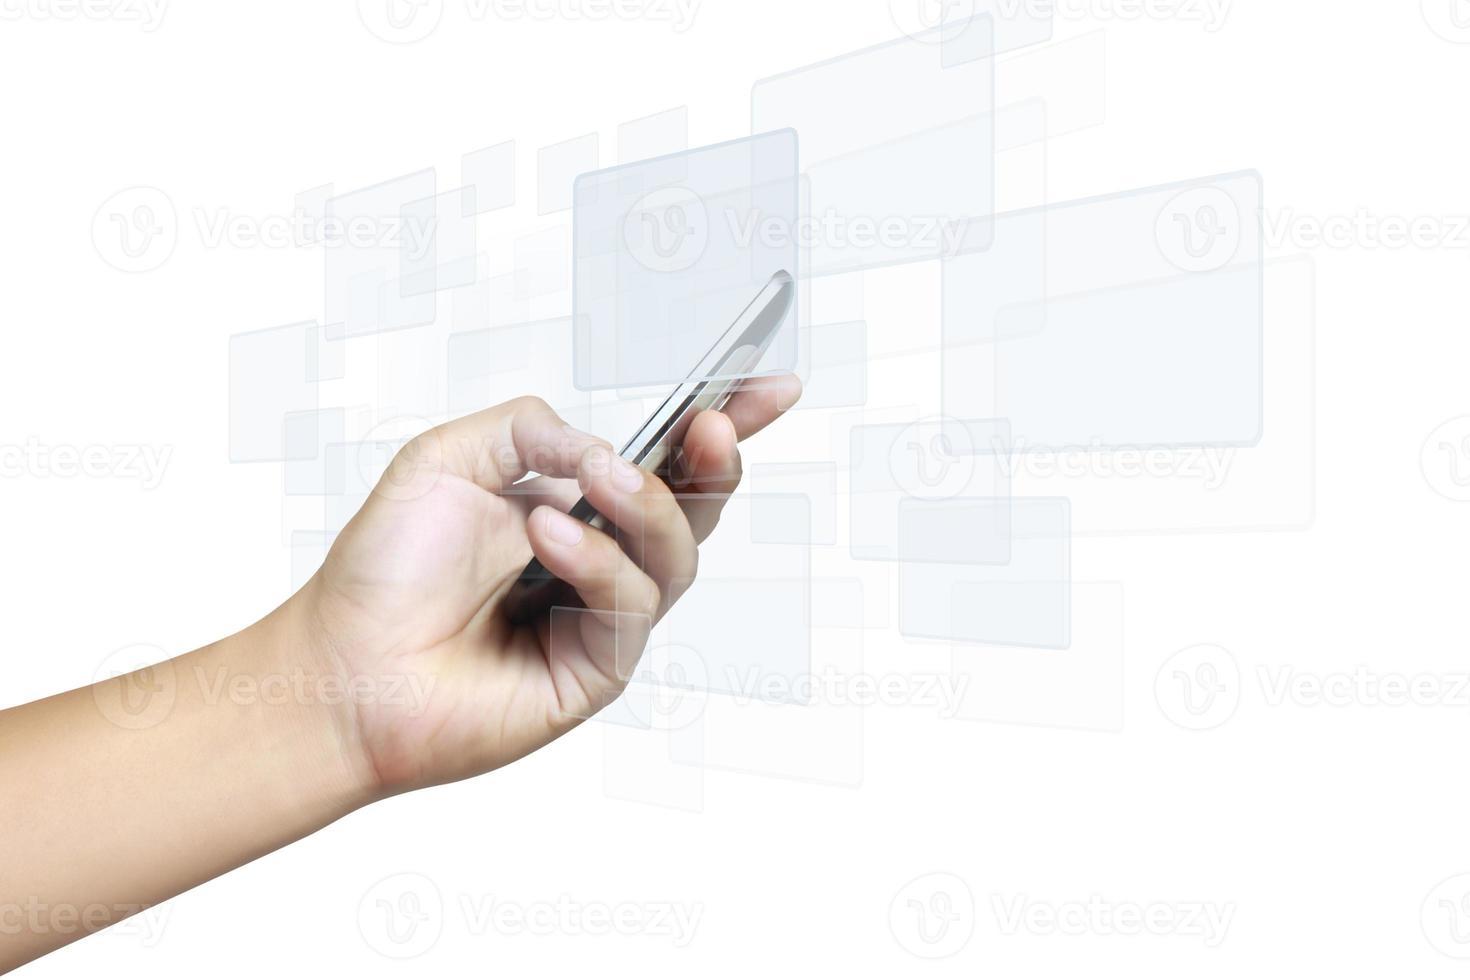 téléphone mobile à écran tactile photo